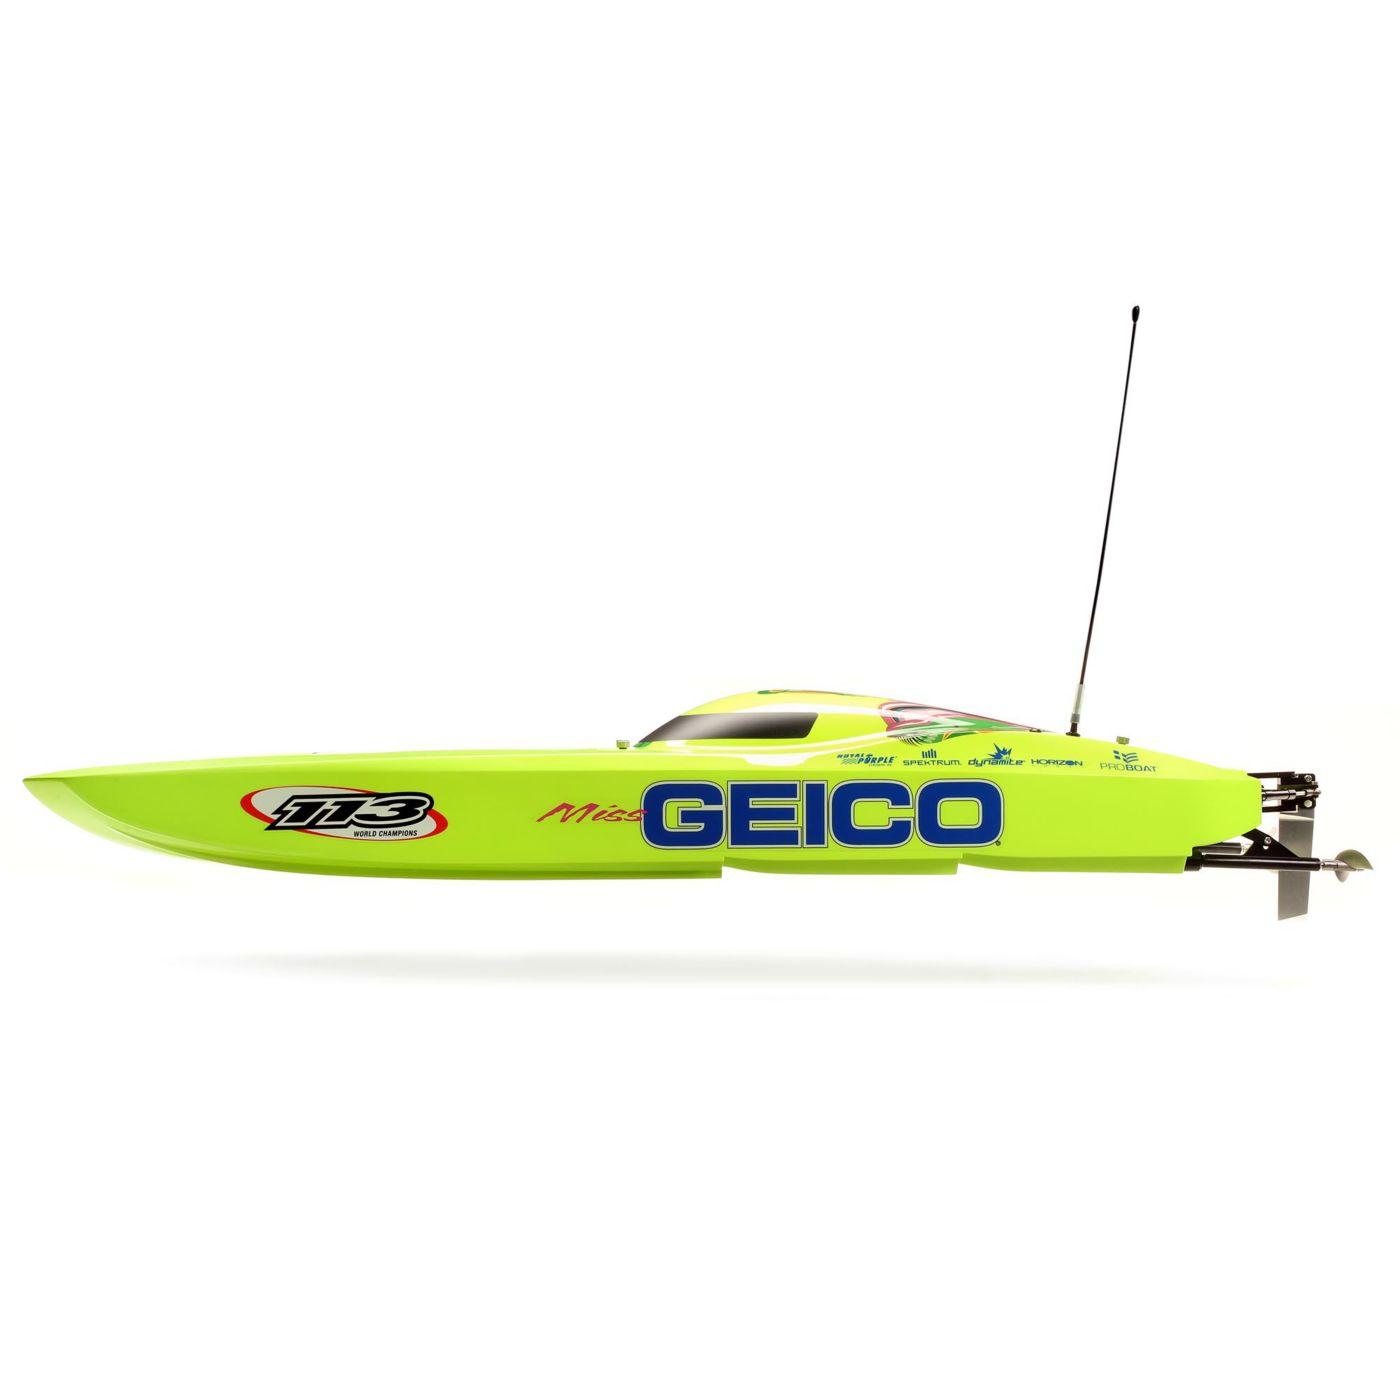 Pro Boat Mis Geico Twin Zelos - Side